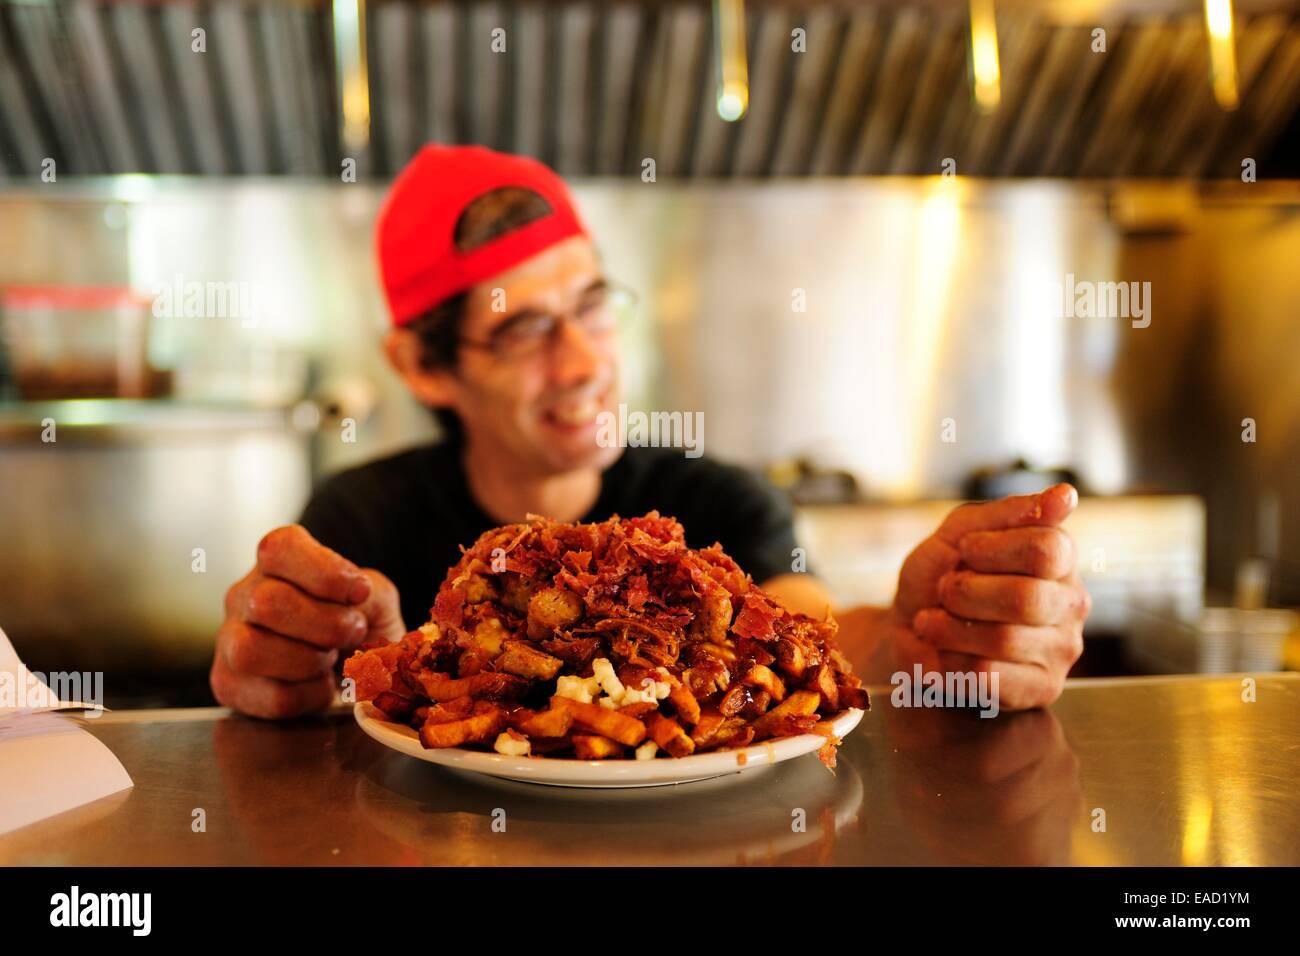 La poutine, spécialité canadienne un fast food, Quebec Province, Canada Photo Stock